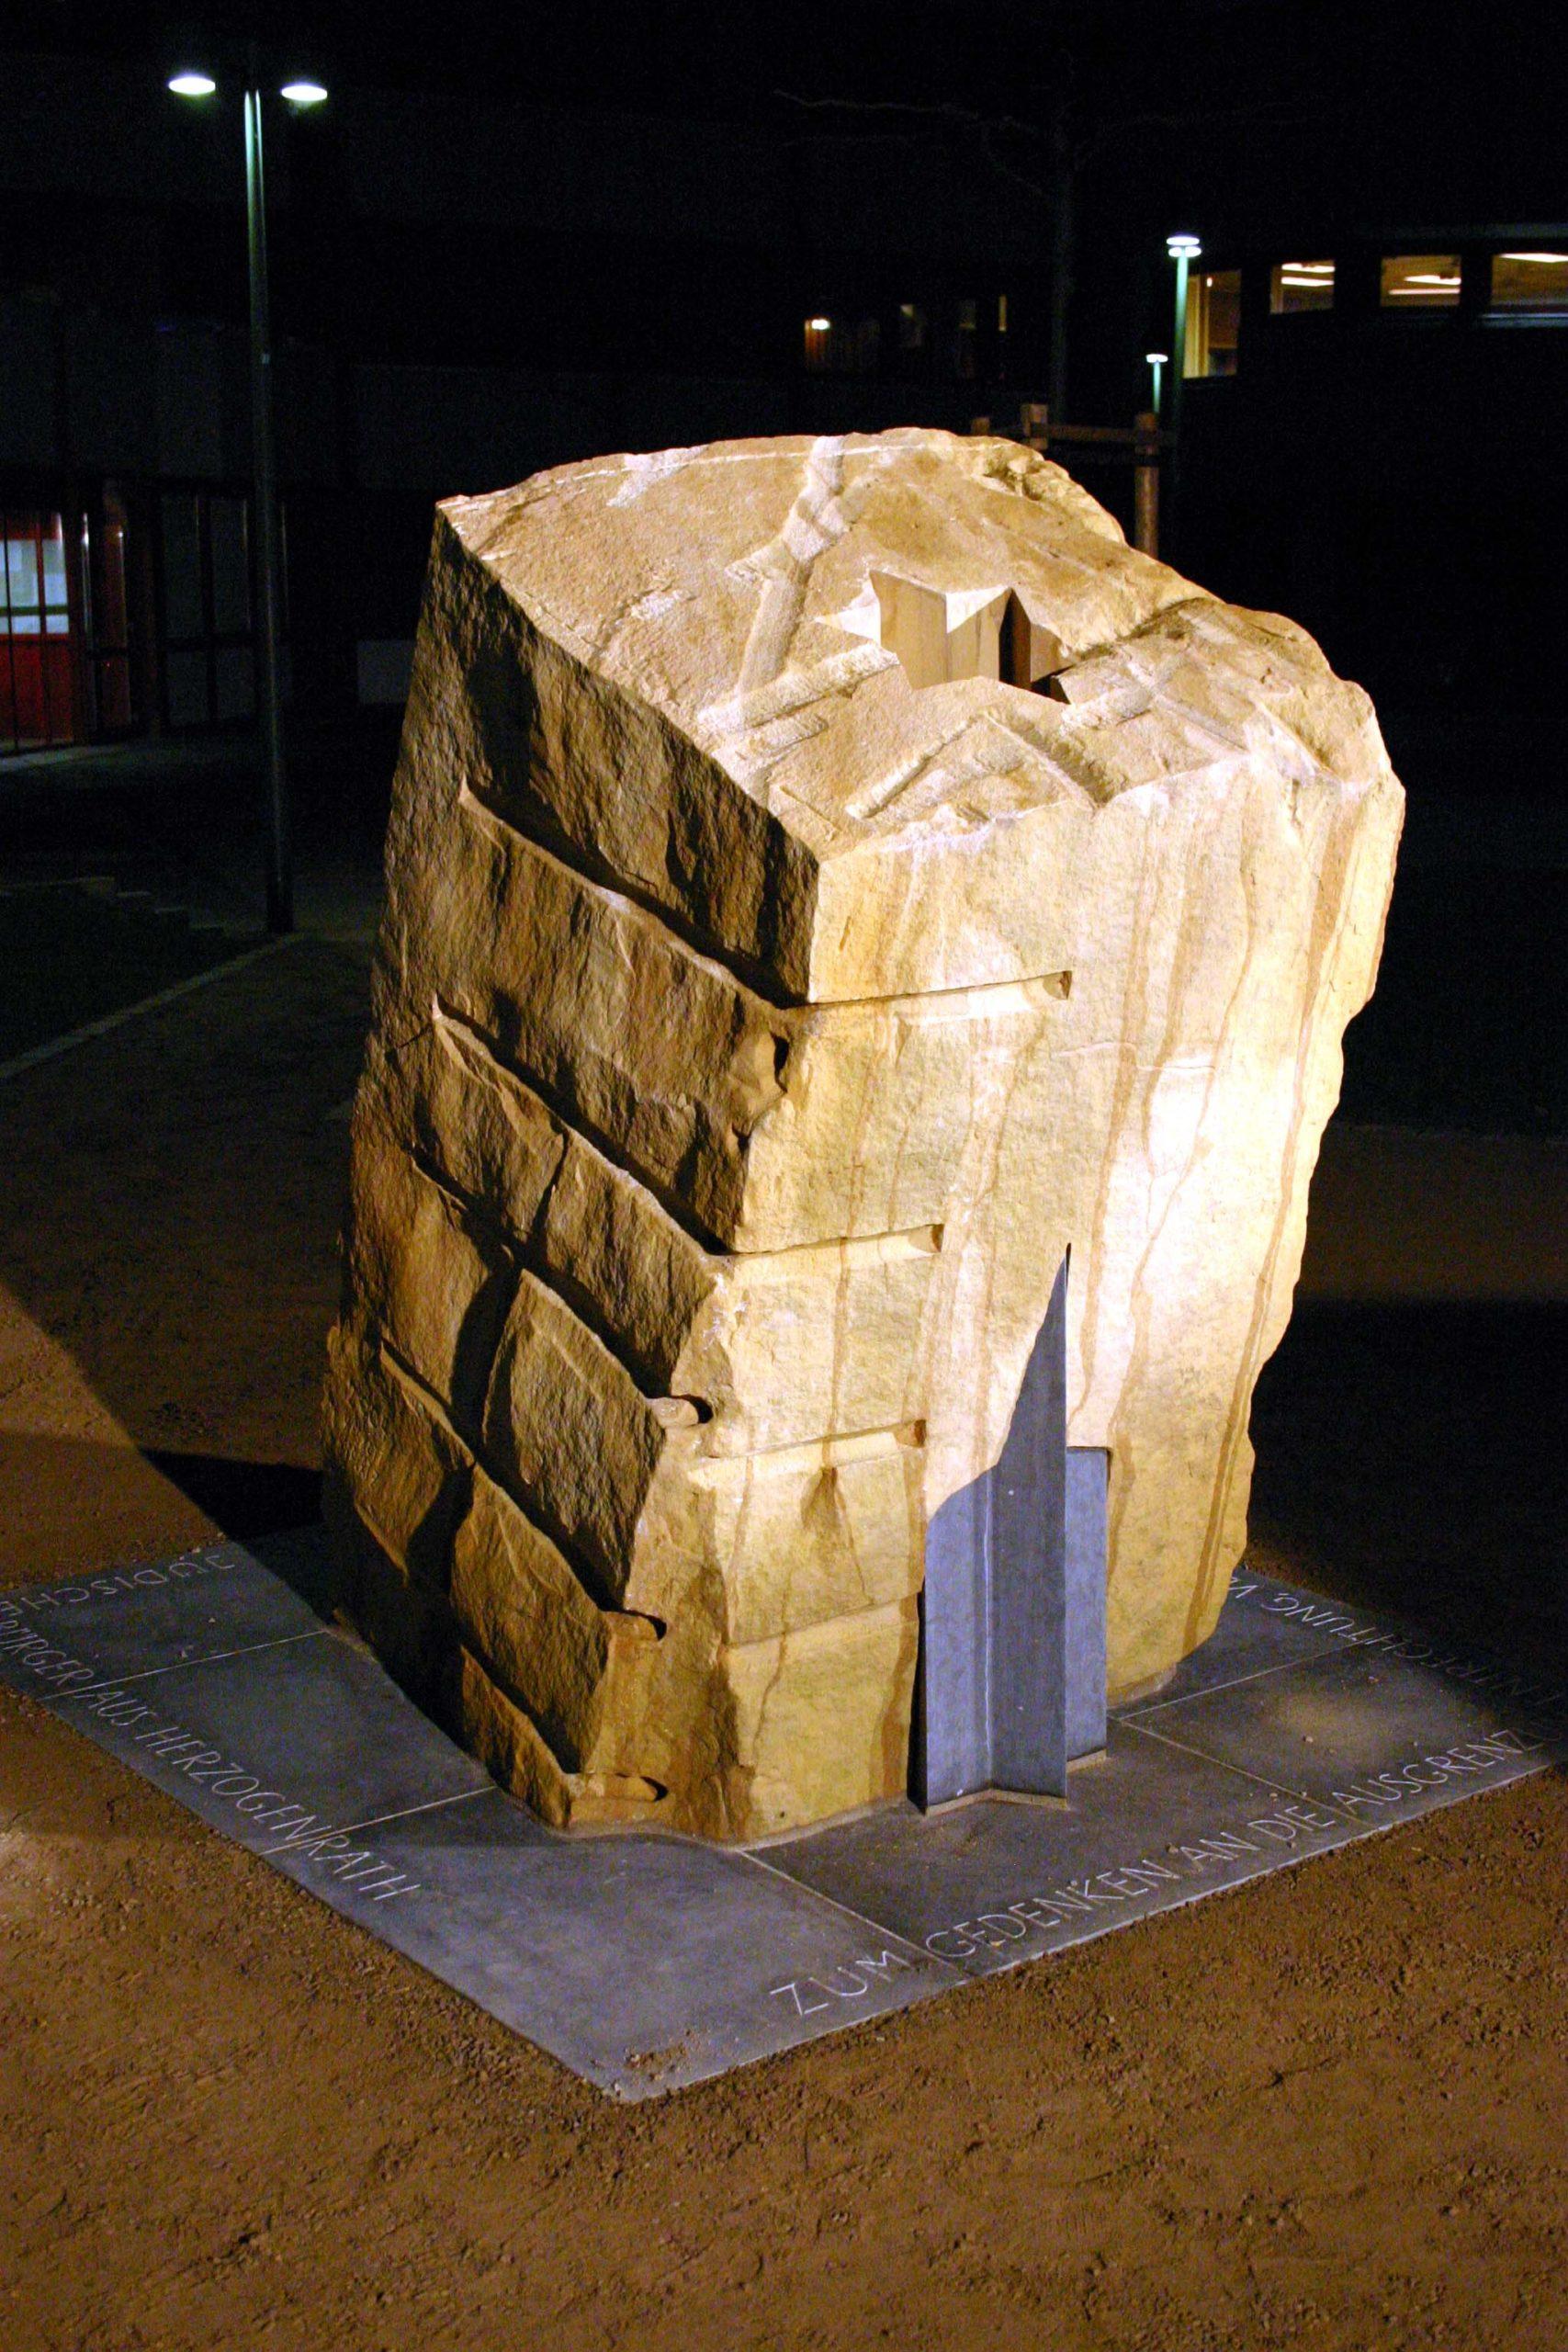 Mahnmal für die ermordeten jüdischen Bürger von Herzogenrath, Rathaus Herzogenrath, Sandstein, Belgisch Granit, Höhe 190 cm, 2004